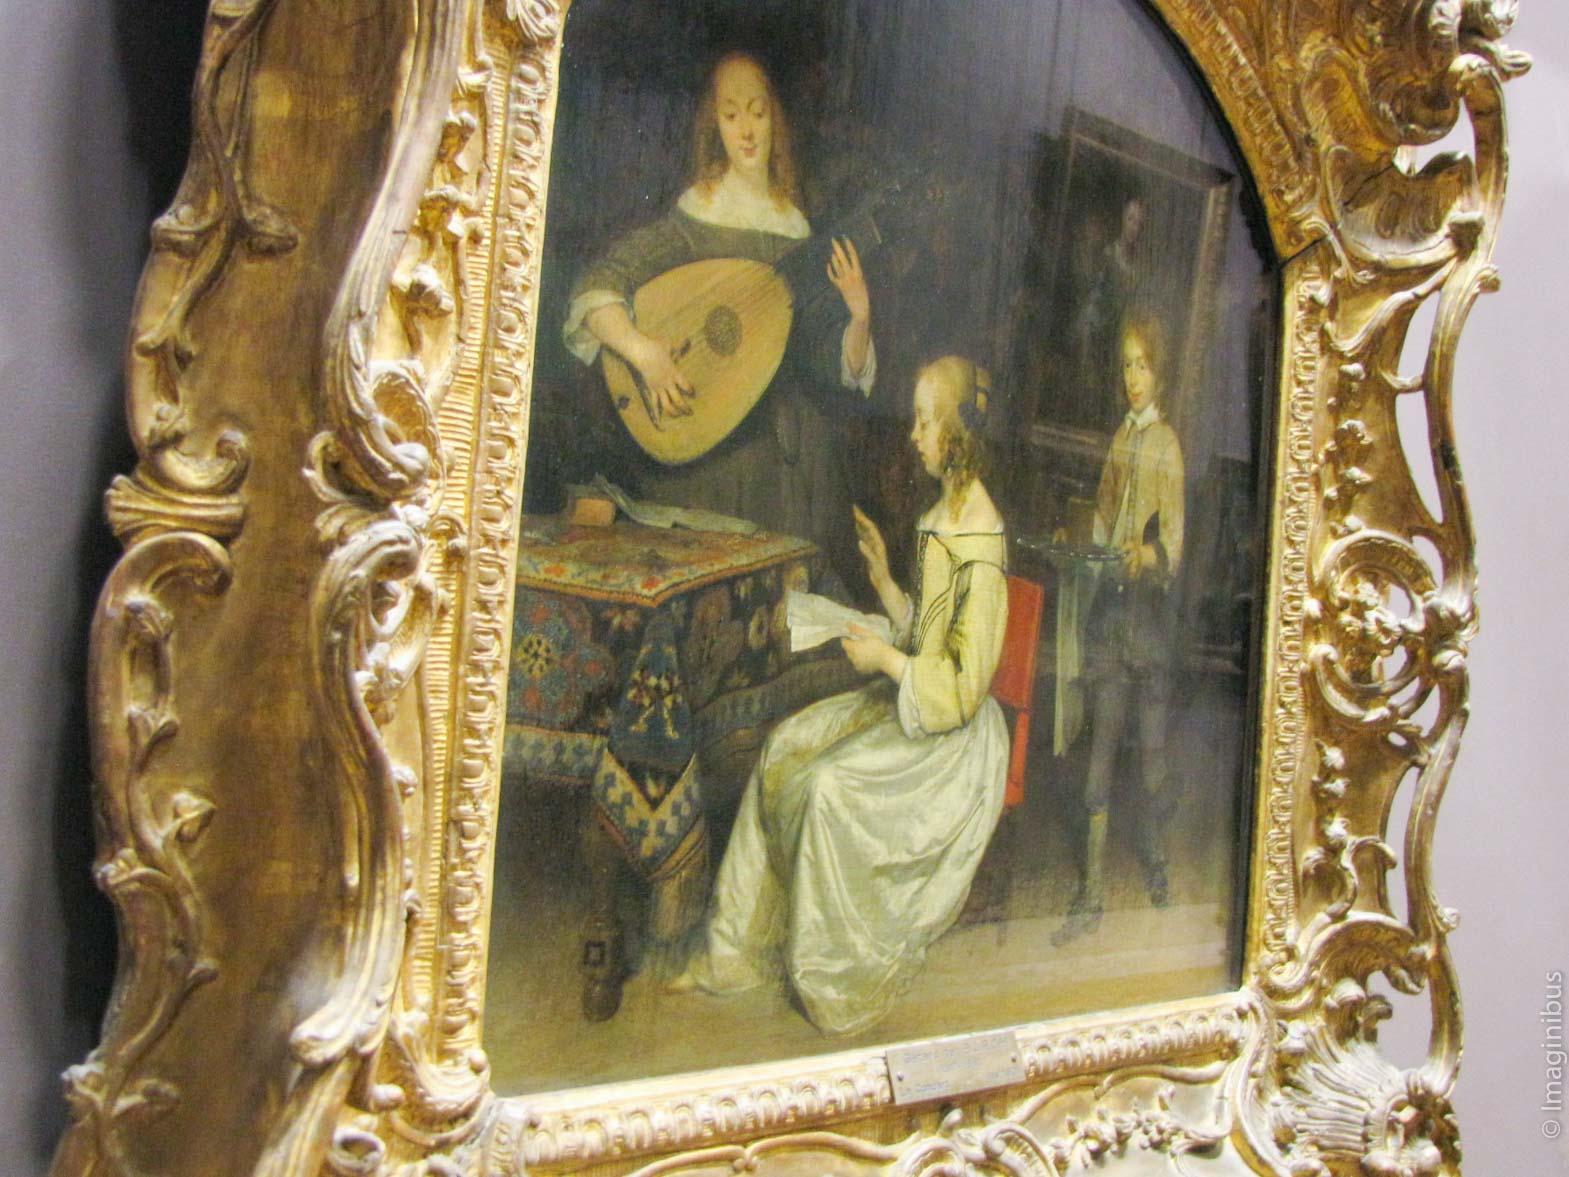 Dutch home, singing, Musée du Louvre